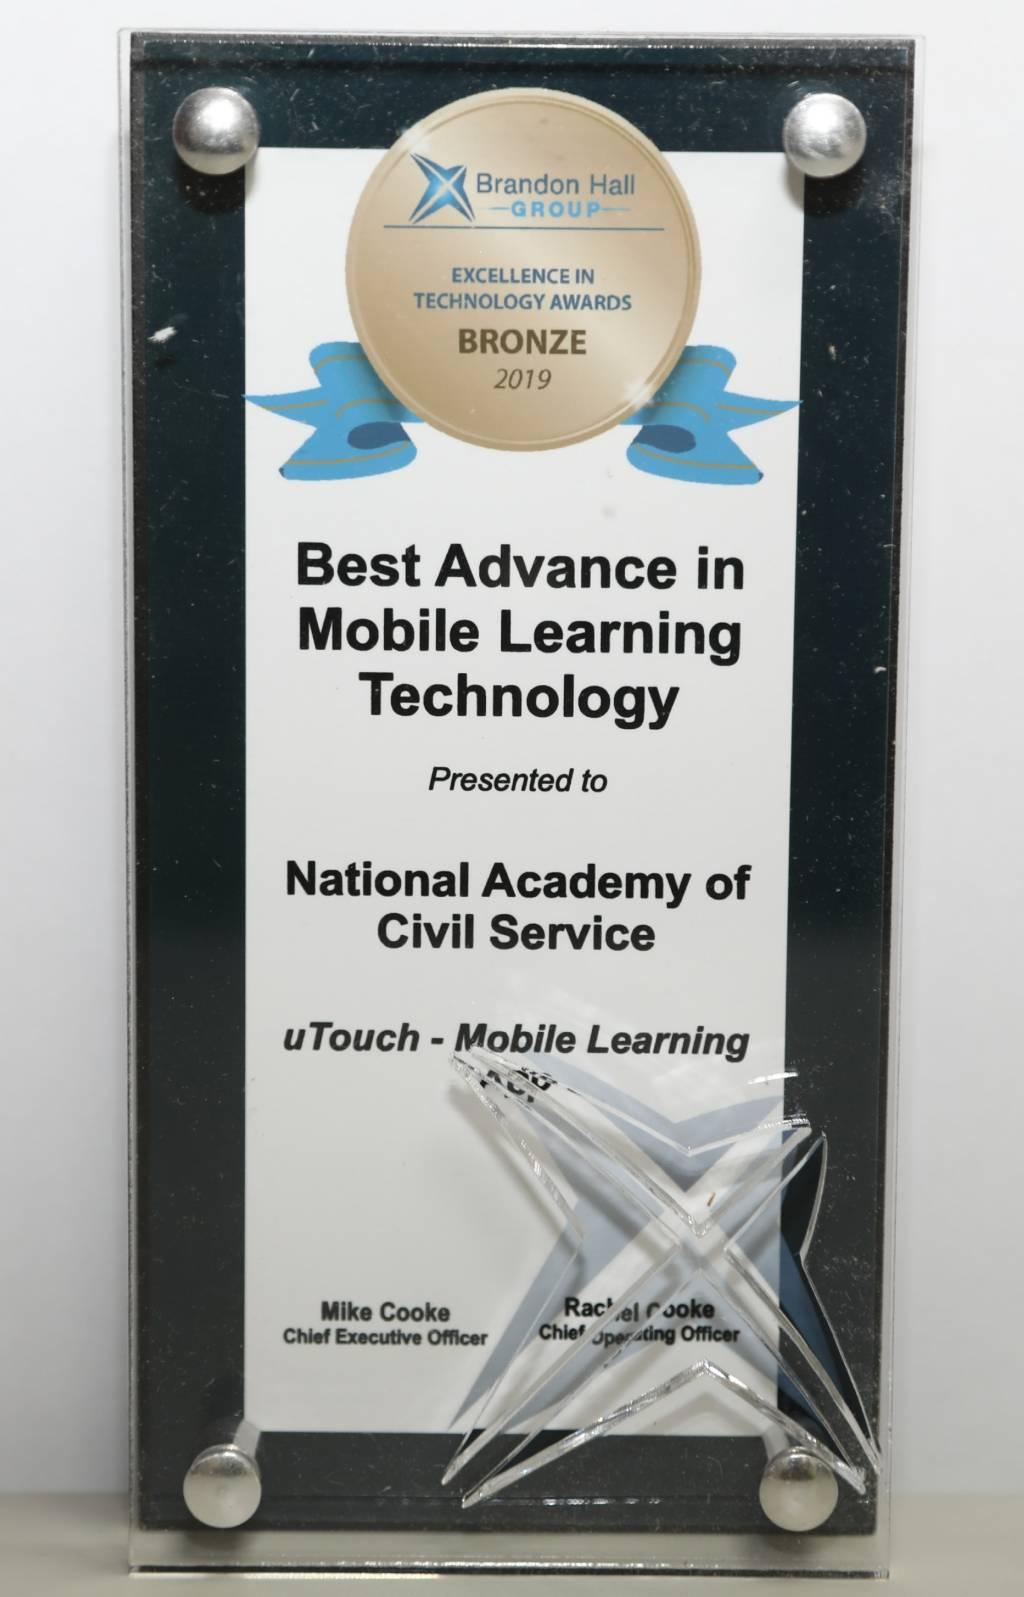 2019年布蘭登‧霍爾科技卓越獎「行動學習科技類」銅牌獎